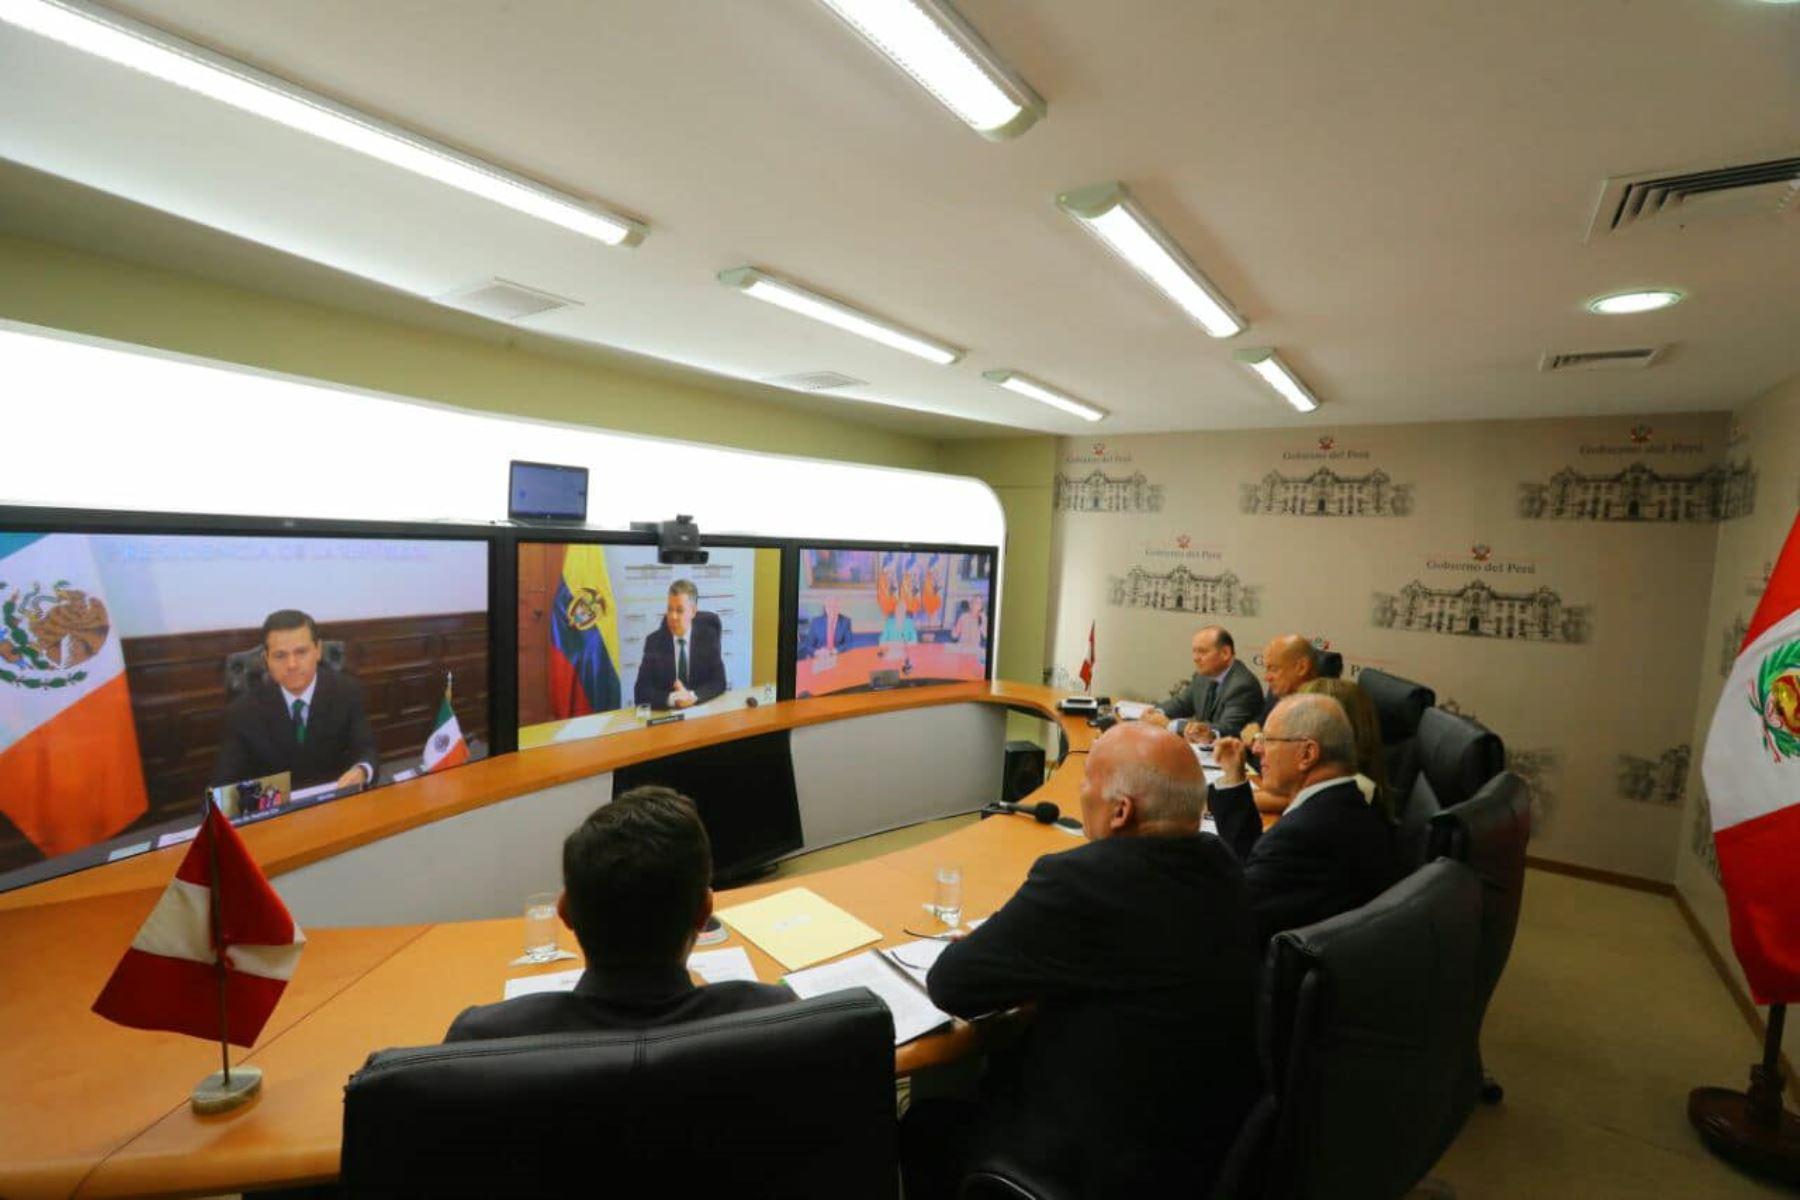 Presidente Kuczynski participó de cumbre virtual junto a sus homólogos de Chile, Colombia y México, de la Alianza del Pacífico, con una visión estratégica al 2030. Foto: ANDINA/Prensa Presidencia